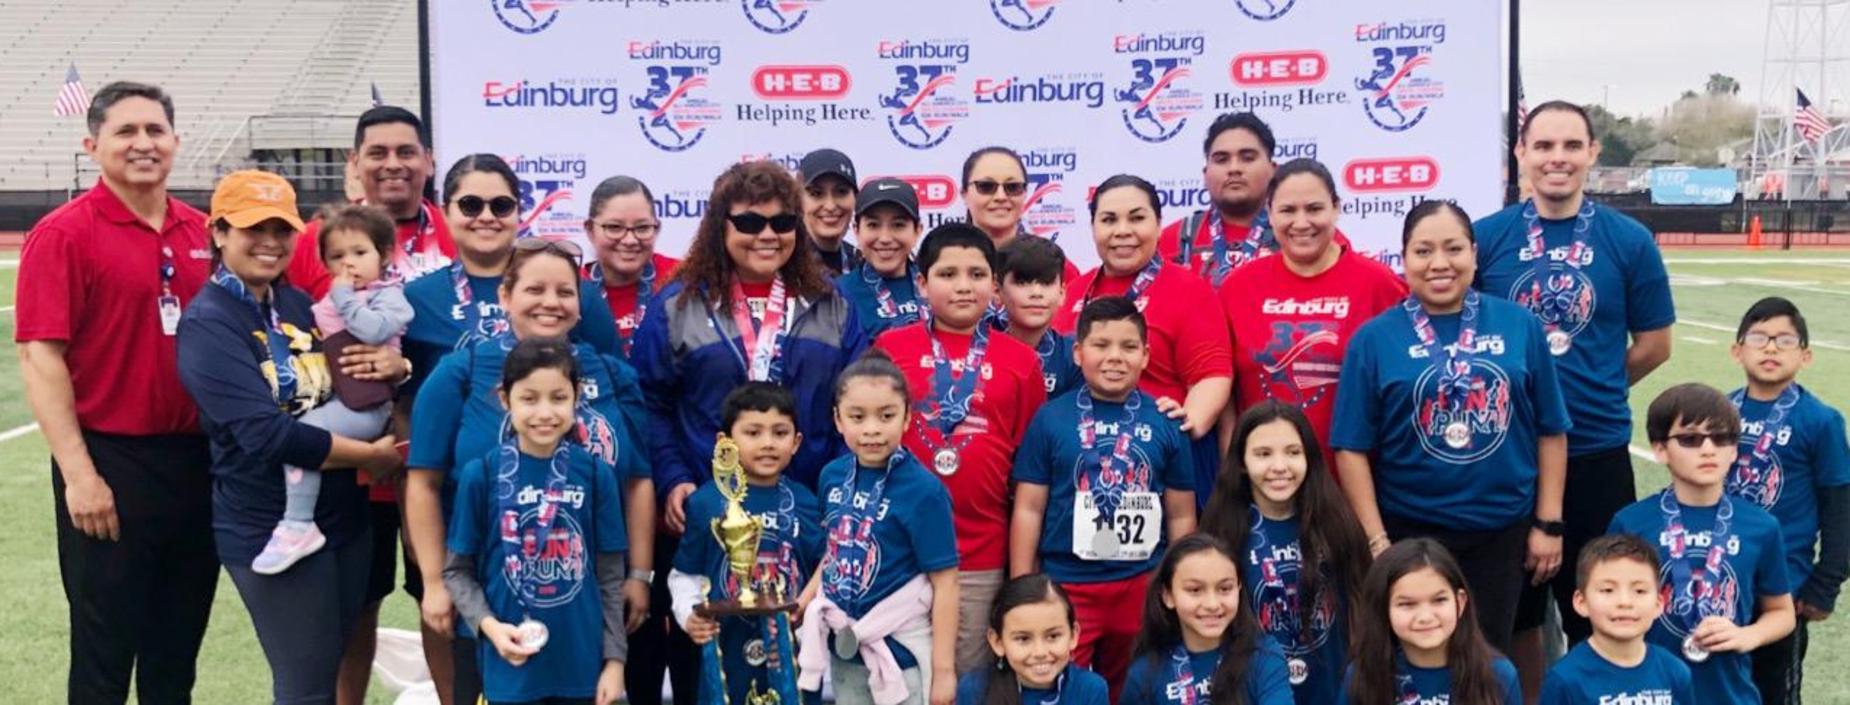 10K walk-Run 2019